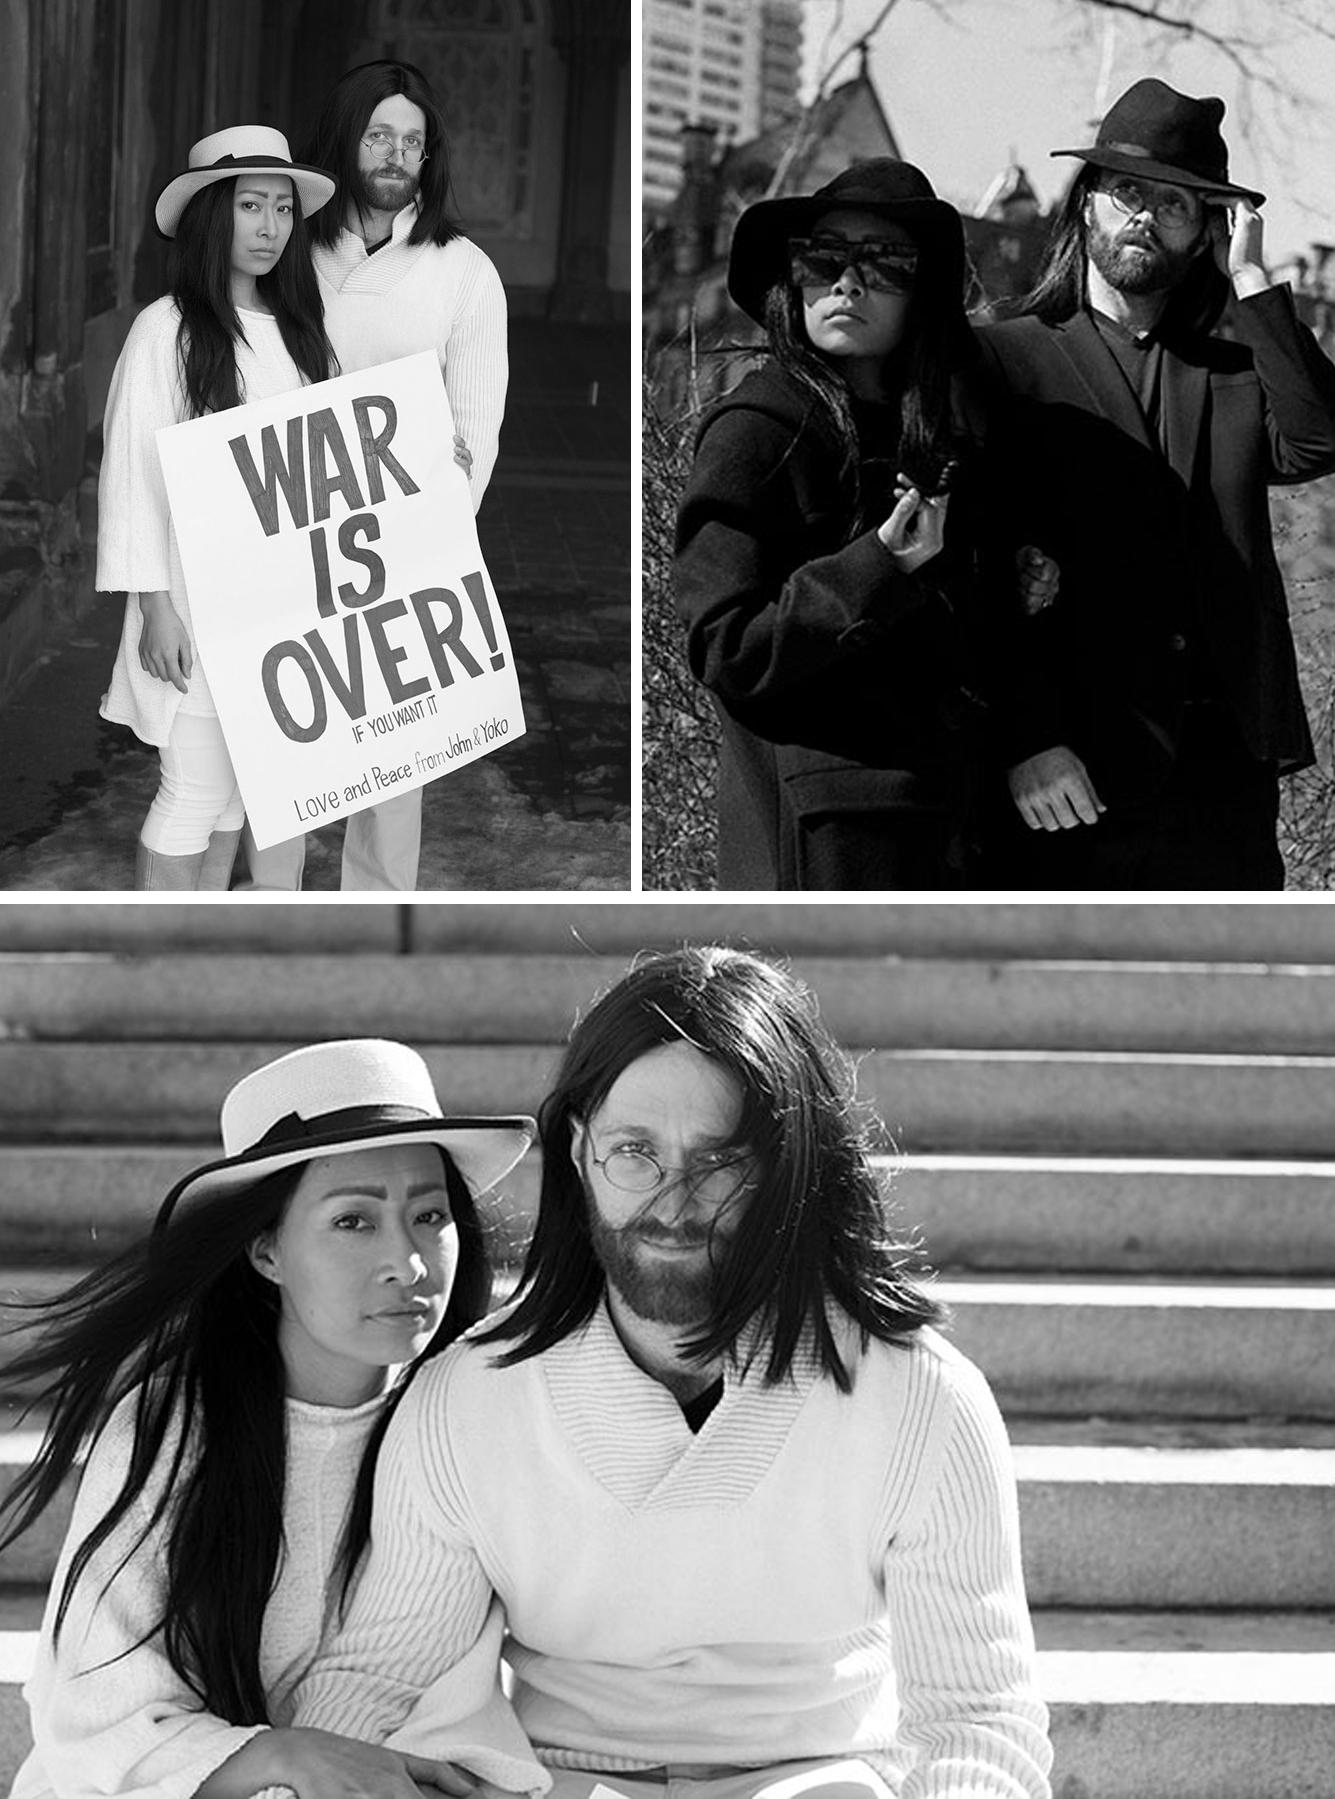 Quyết không chụp ảnh cưới đụng hàng, đôi vợ chồng lầy lội cosplay thành các nhân vật nổi tiếng - Ảnh 12.